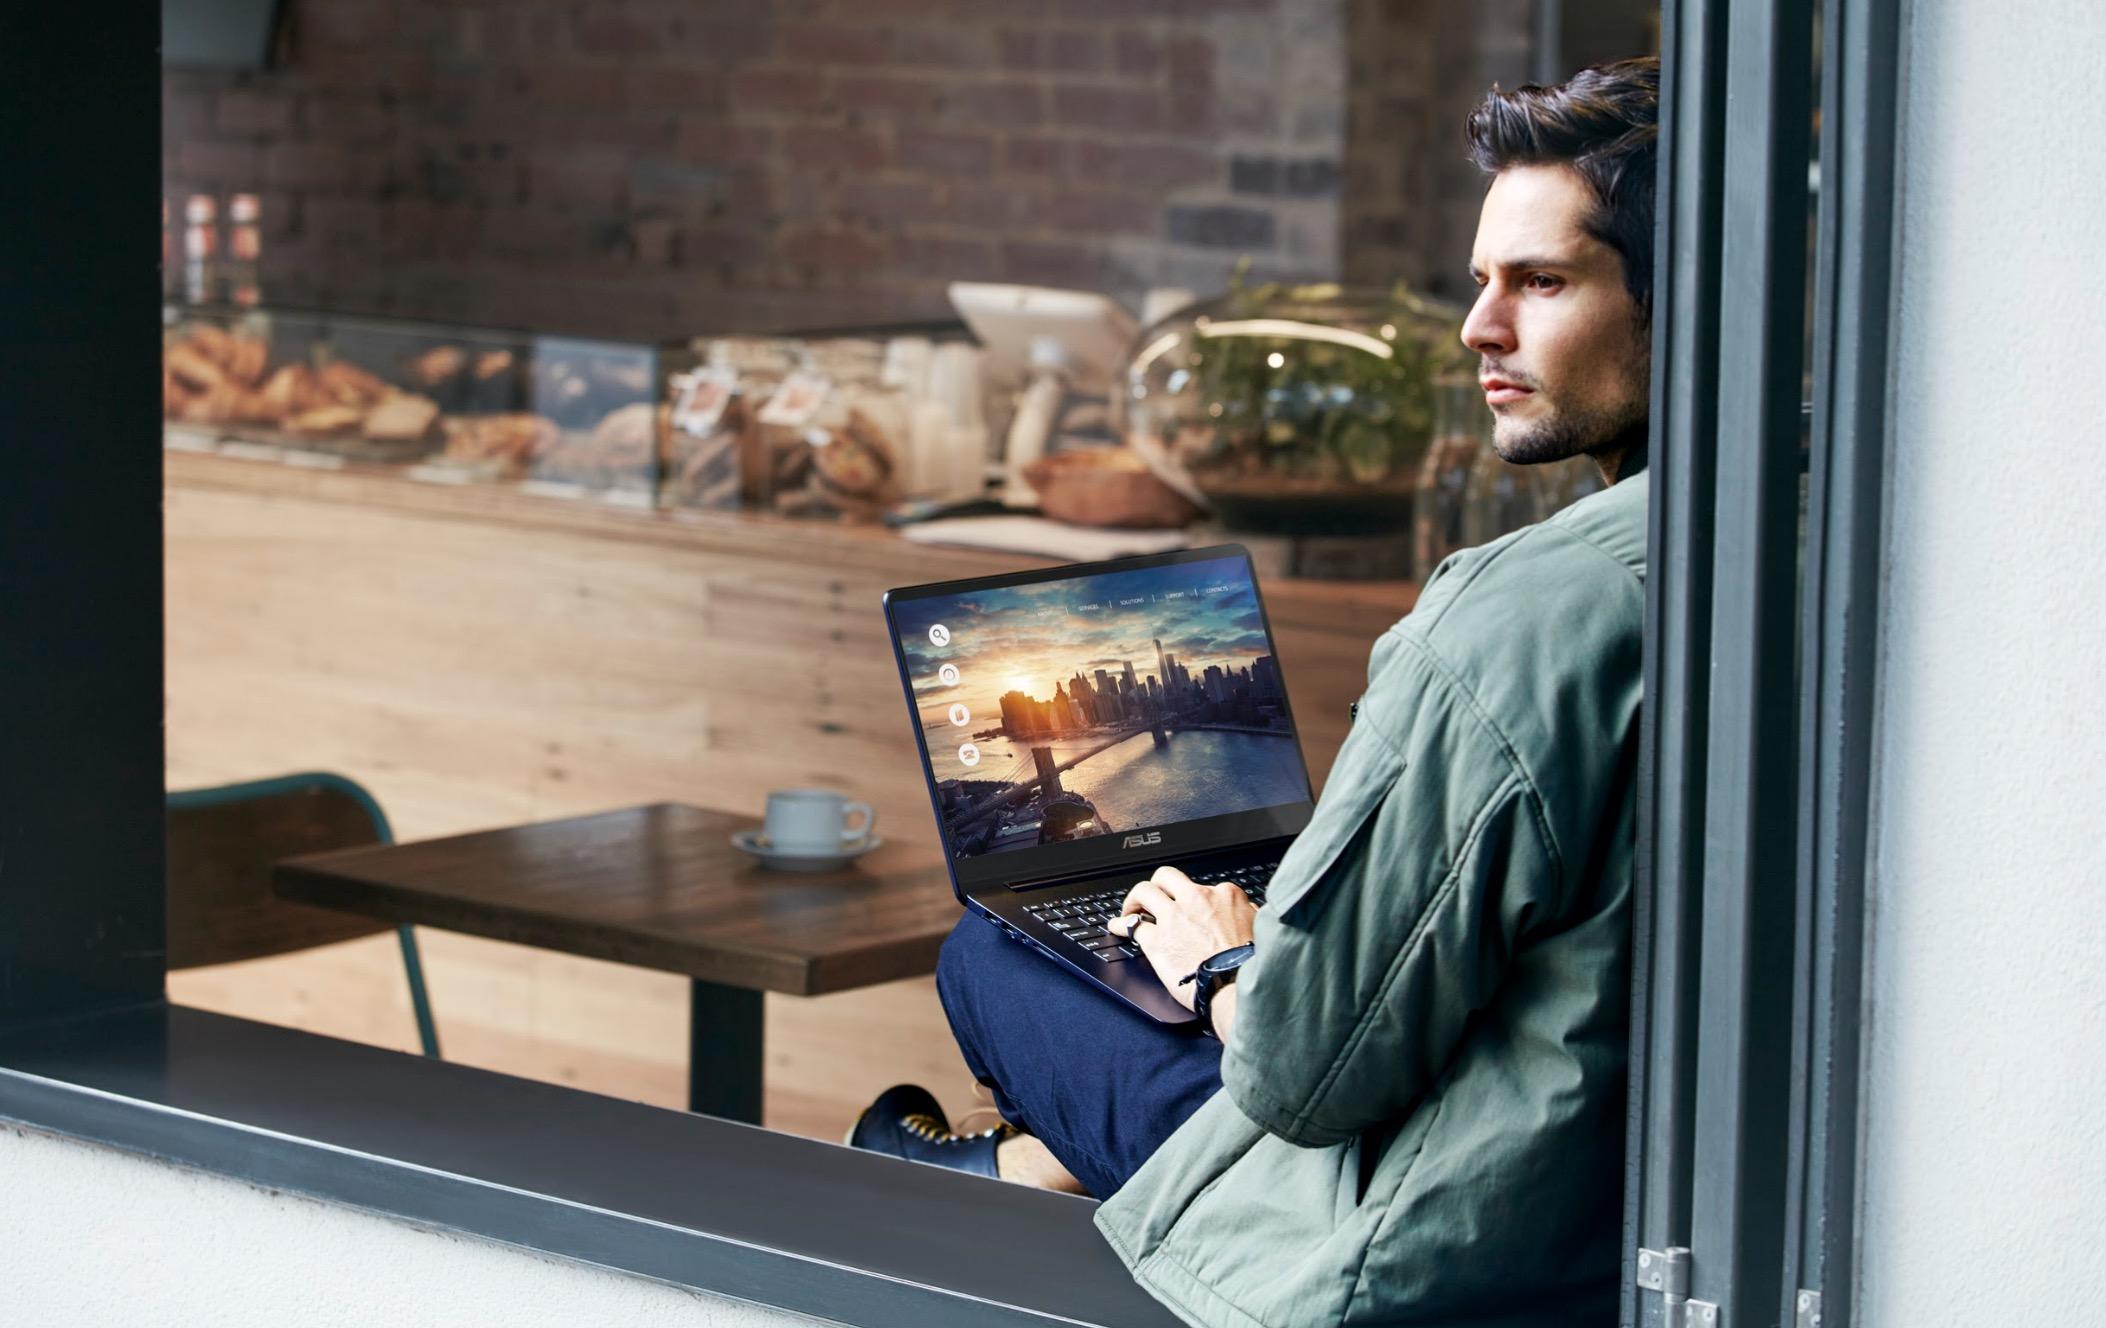 ASUS ZenBook UX430 ra mắt phiên bản Gold với sức mạnh xử lý & đồ họa MX150 mới, giá từ 22,5 triệu